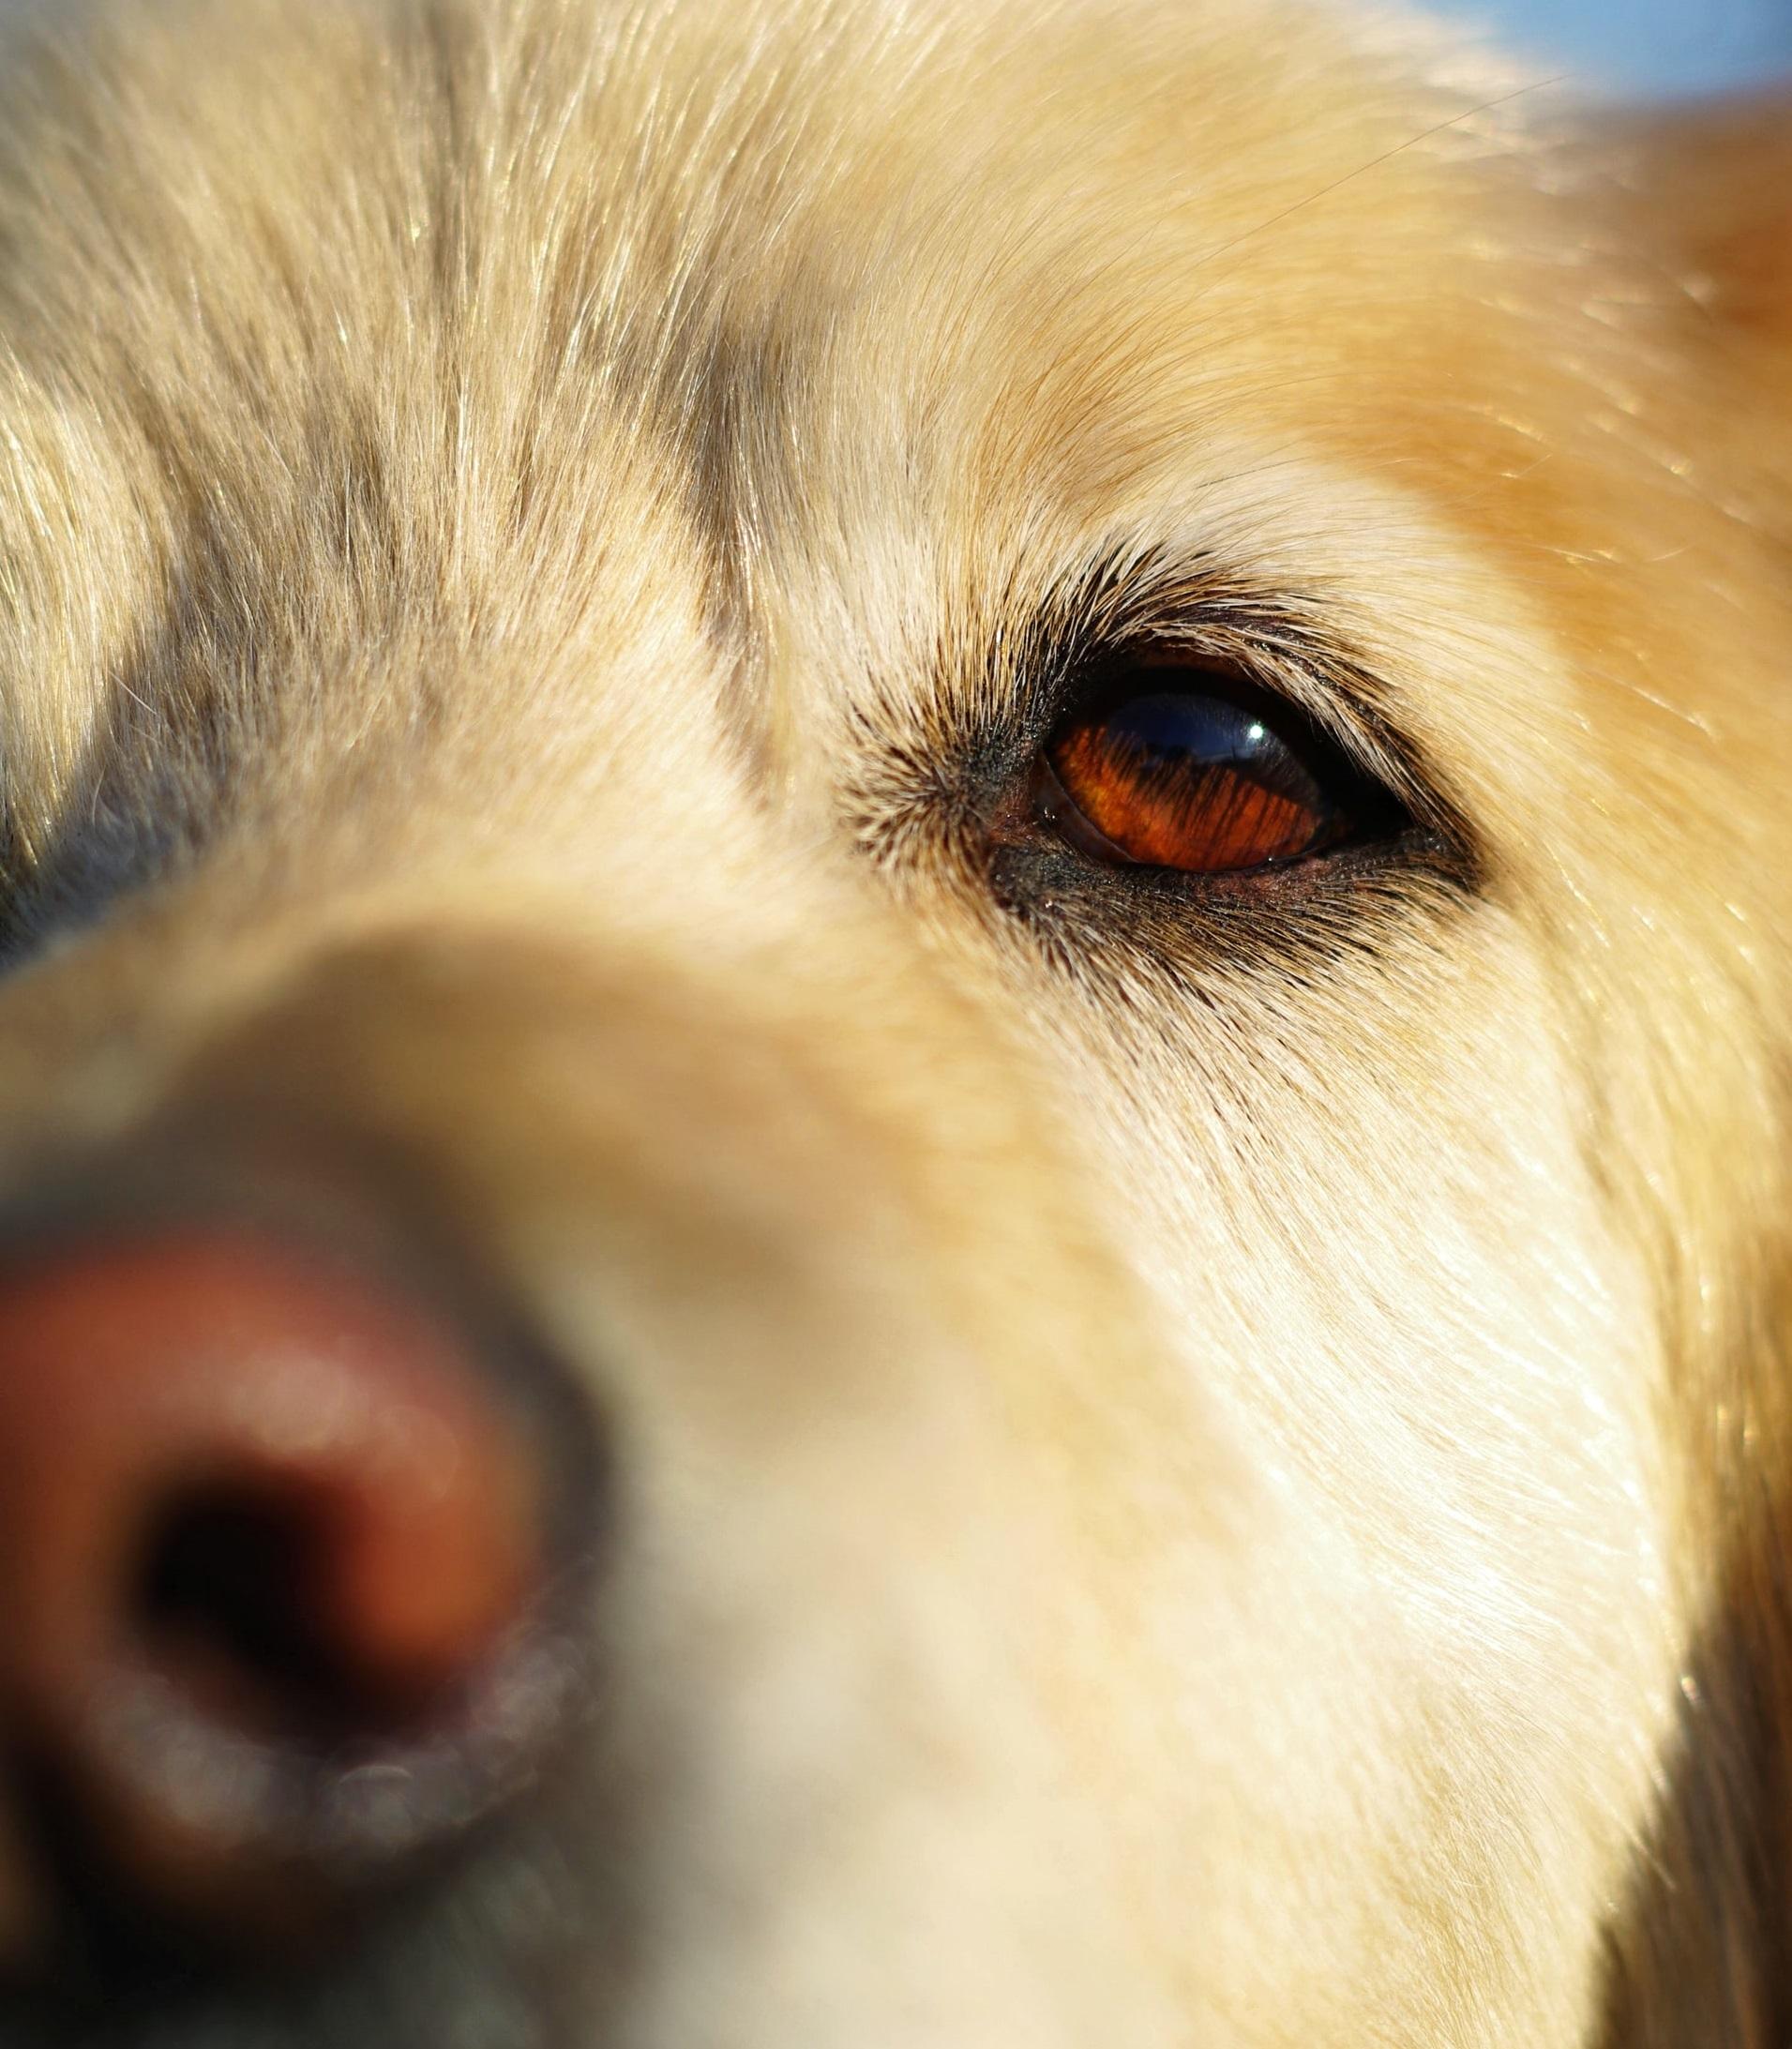 Dog dry eye